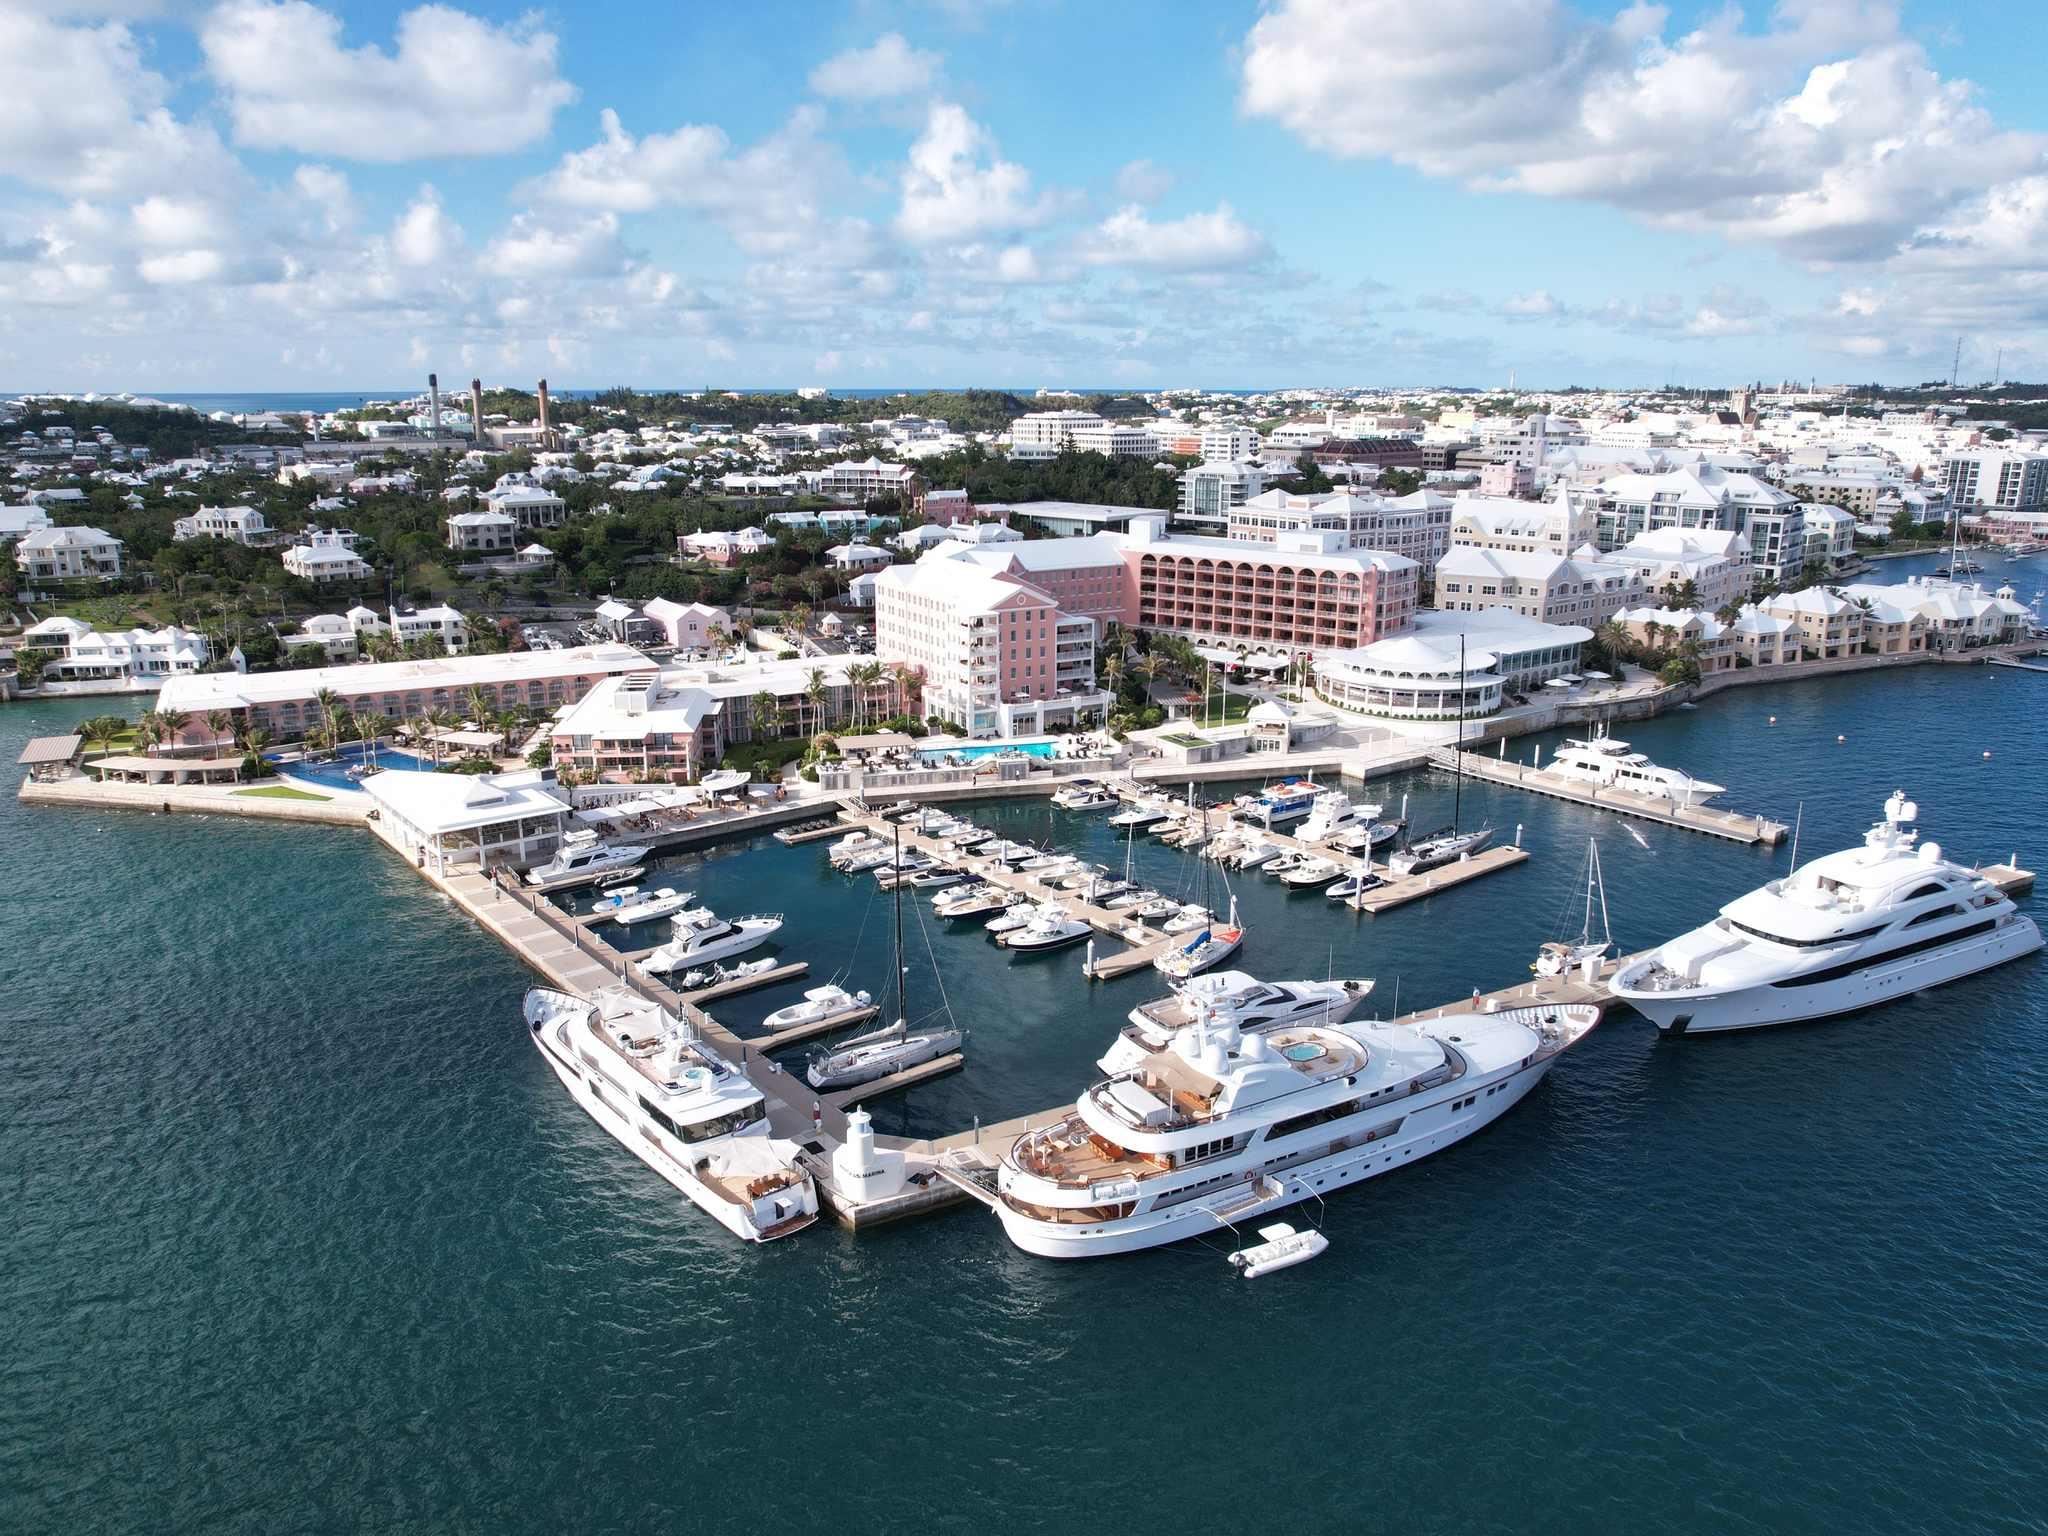 Hotel – Hamilton Princess & Beach Club - A Fairmont Managed Hotel